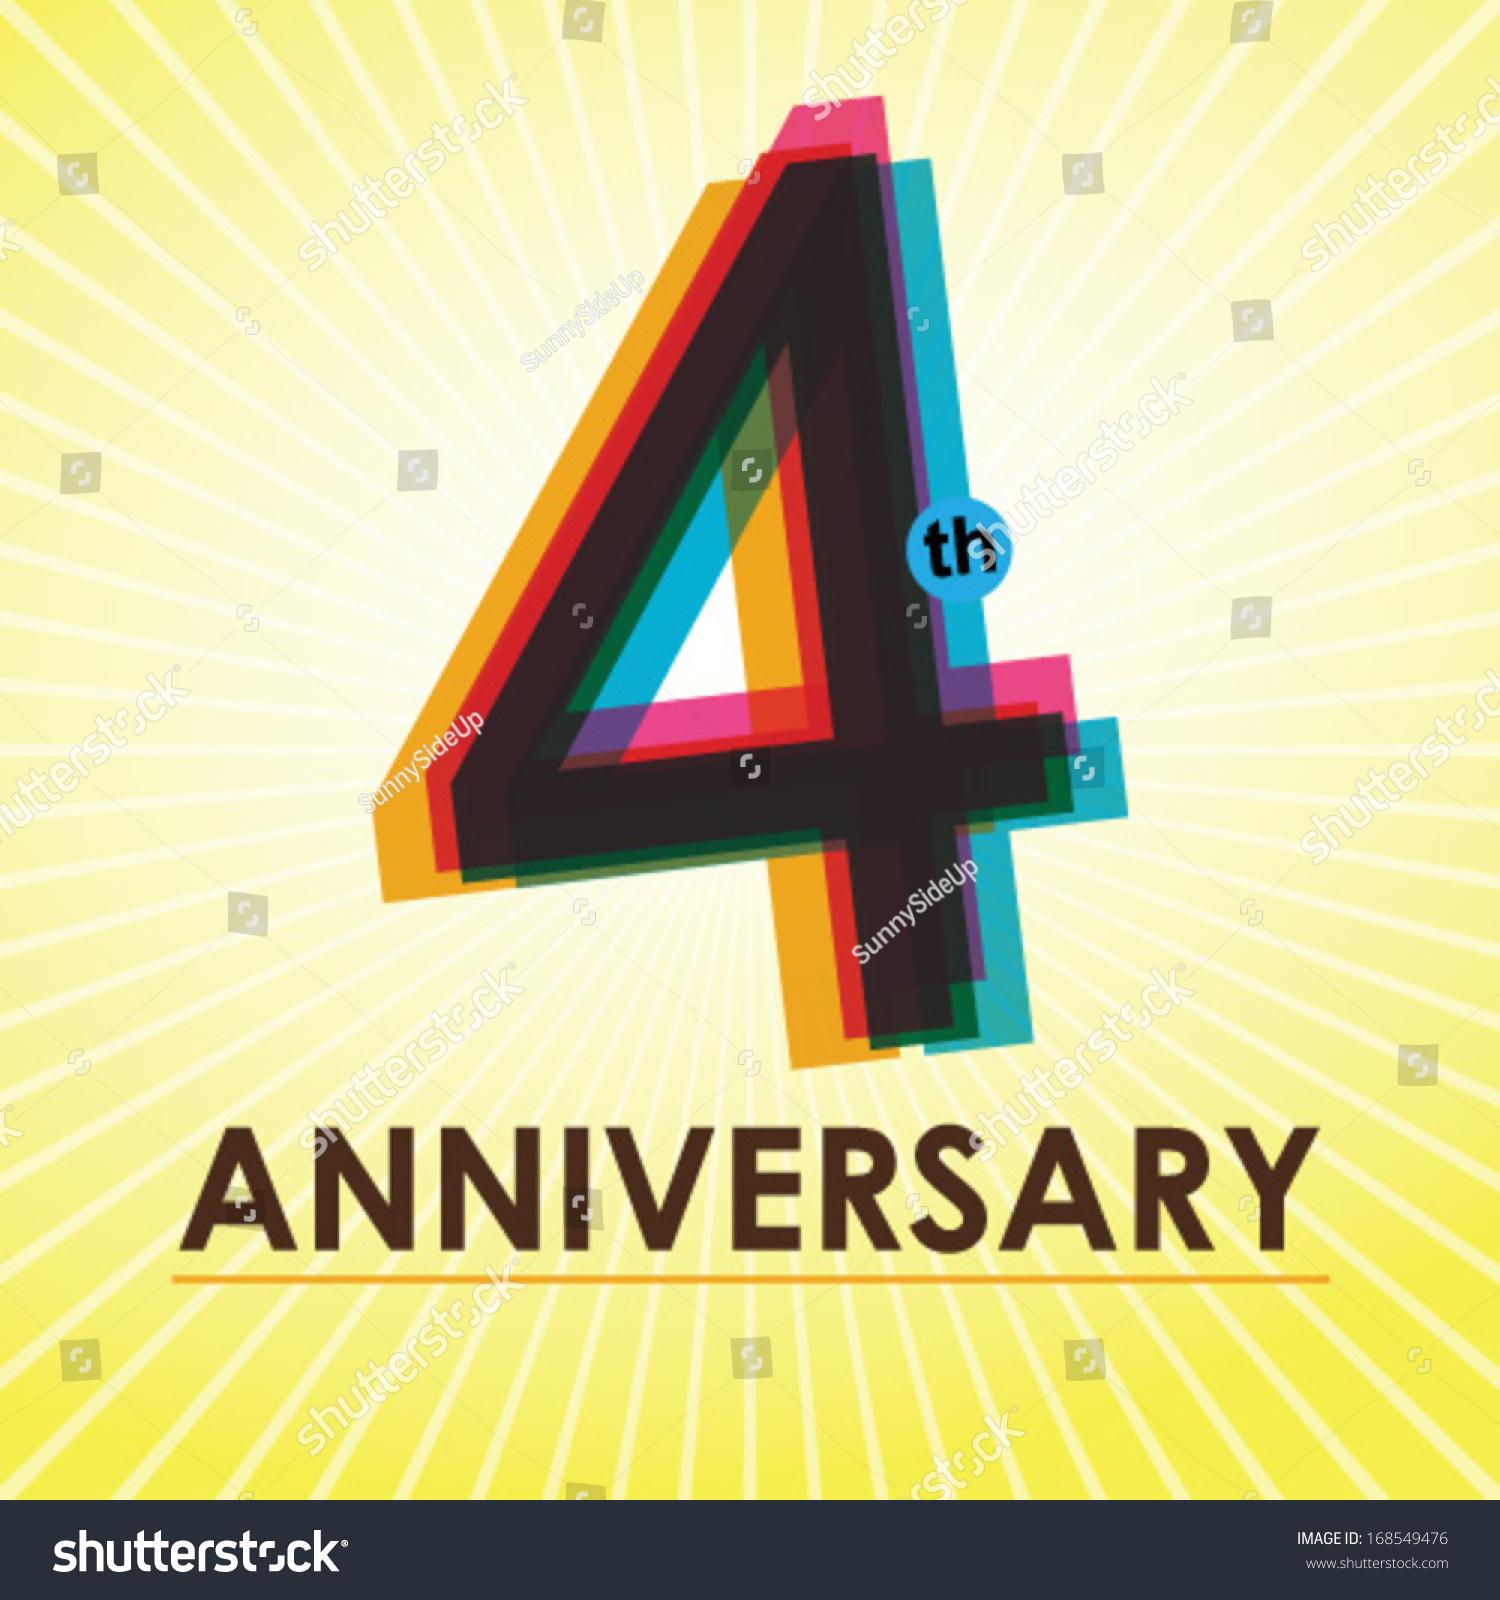 Th anniversary poster template design retro stock vector